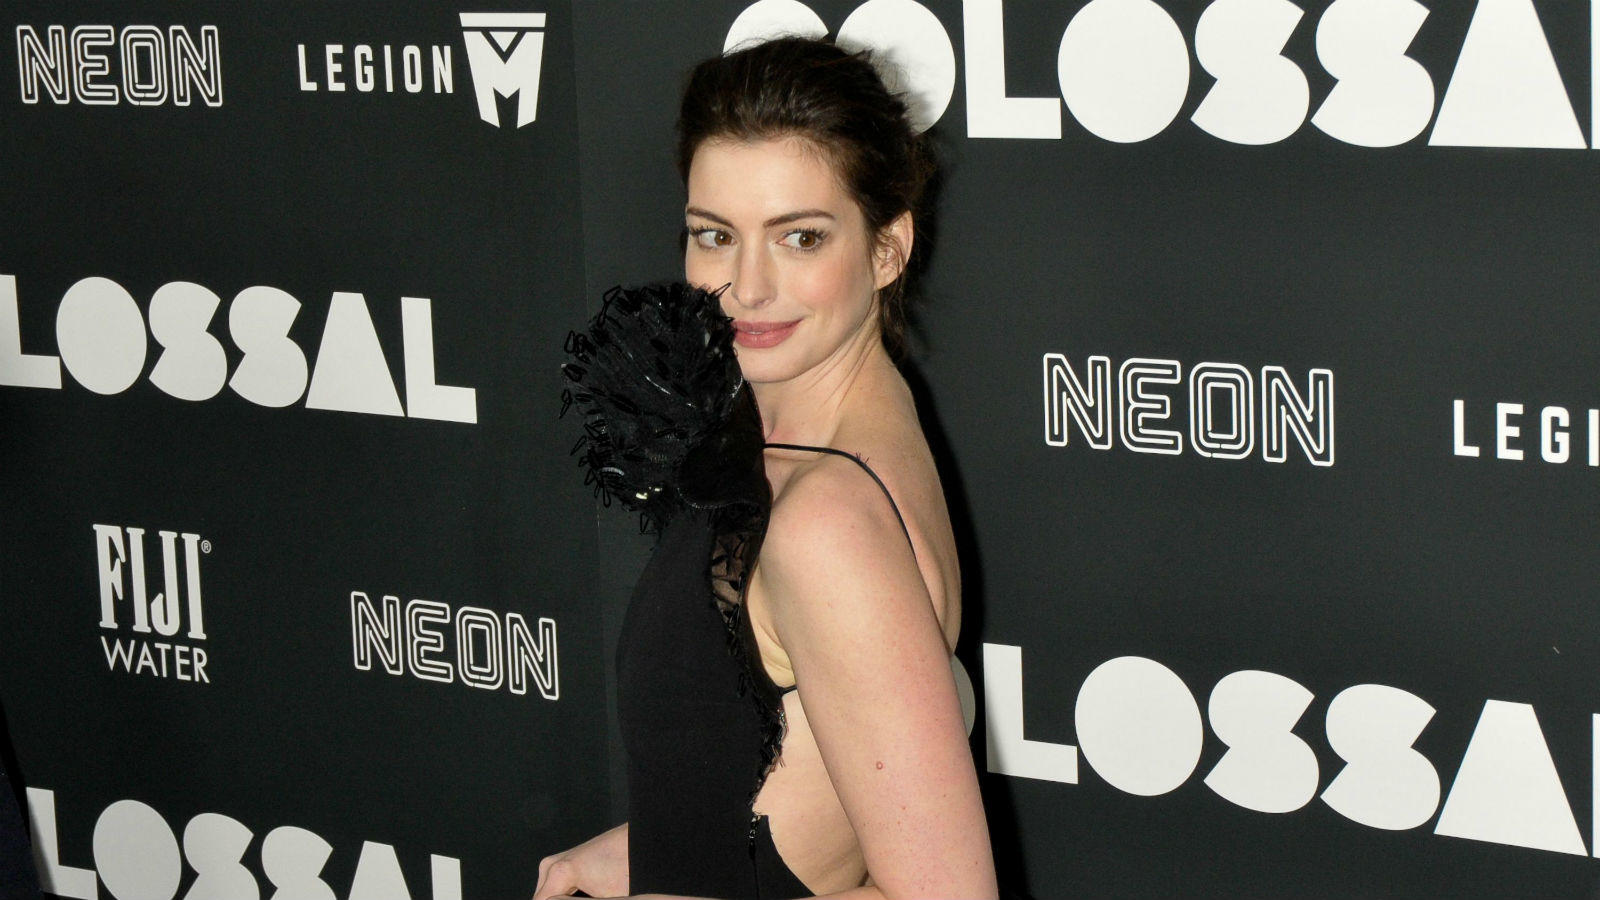 A Nyomorultakkal (Les Miserables) Oscar-díjat nyerő színésznő angol irodalomra és női (gender) stúdiumokra járt a New York-i Vassar College-ban, majd átment a New York University-re. Ennek ellenére, Hathaway sose fejezte be felsőfokú tanulmányait, hanem egyre inkább a színészi karrierjével foglalkozott. (REX/ Shutterstock)